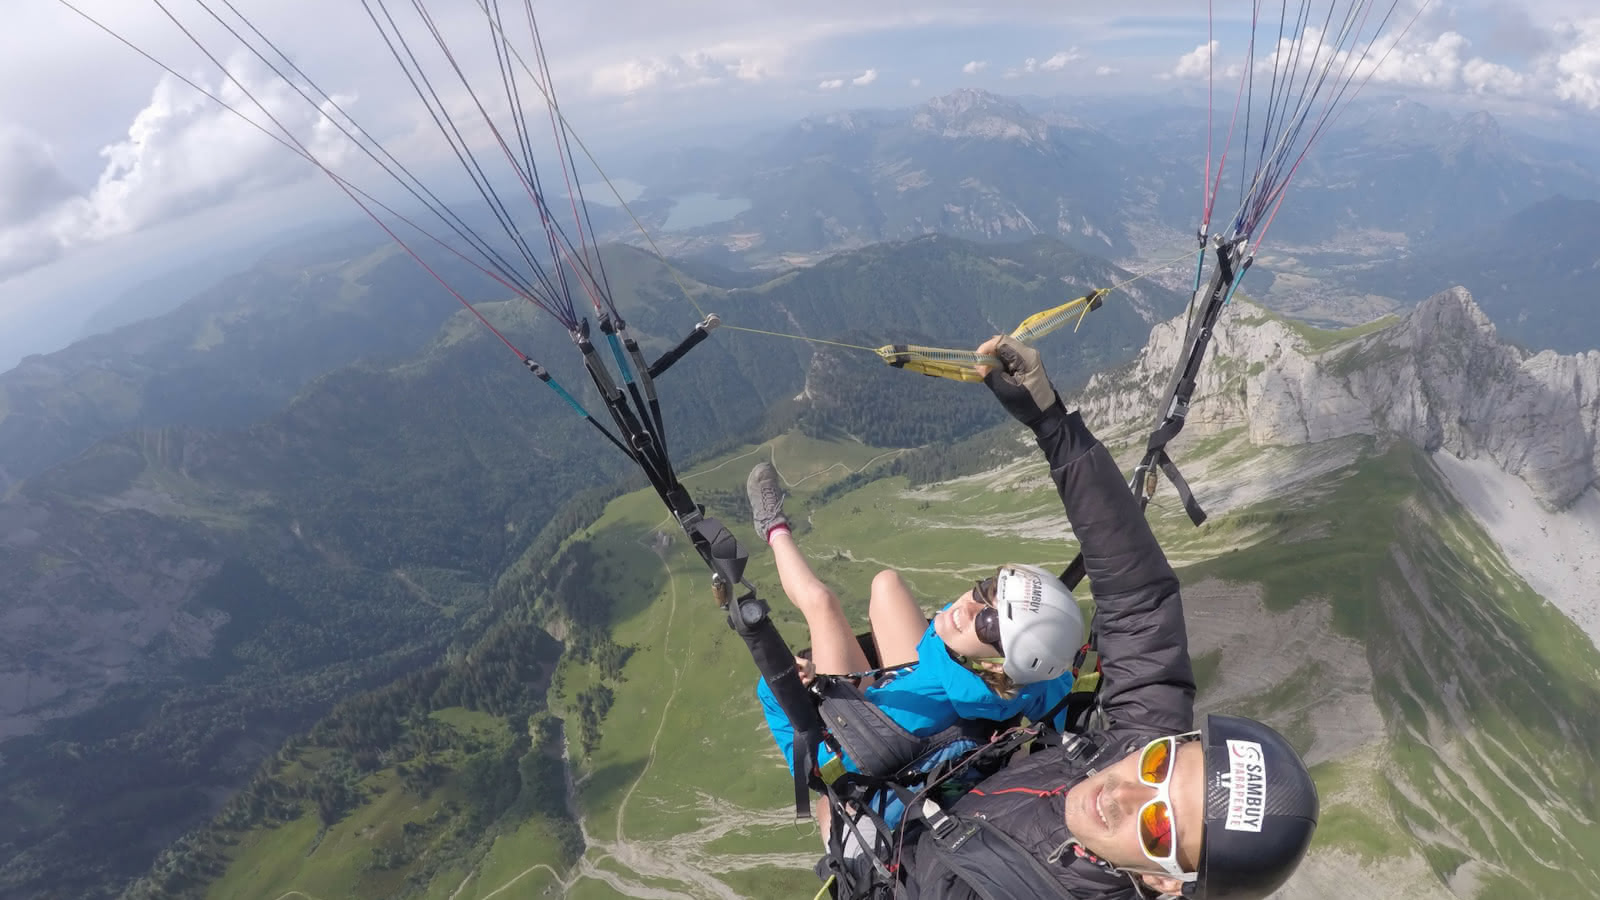 Vol en parapente au-dessus des montagnes